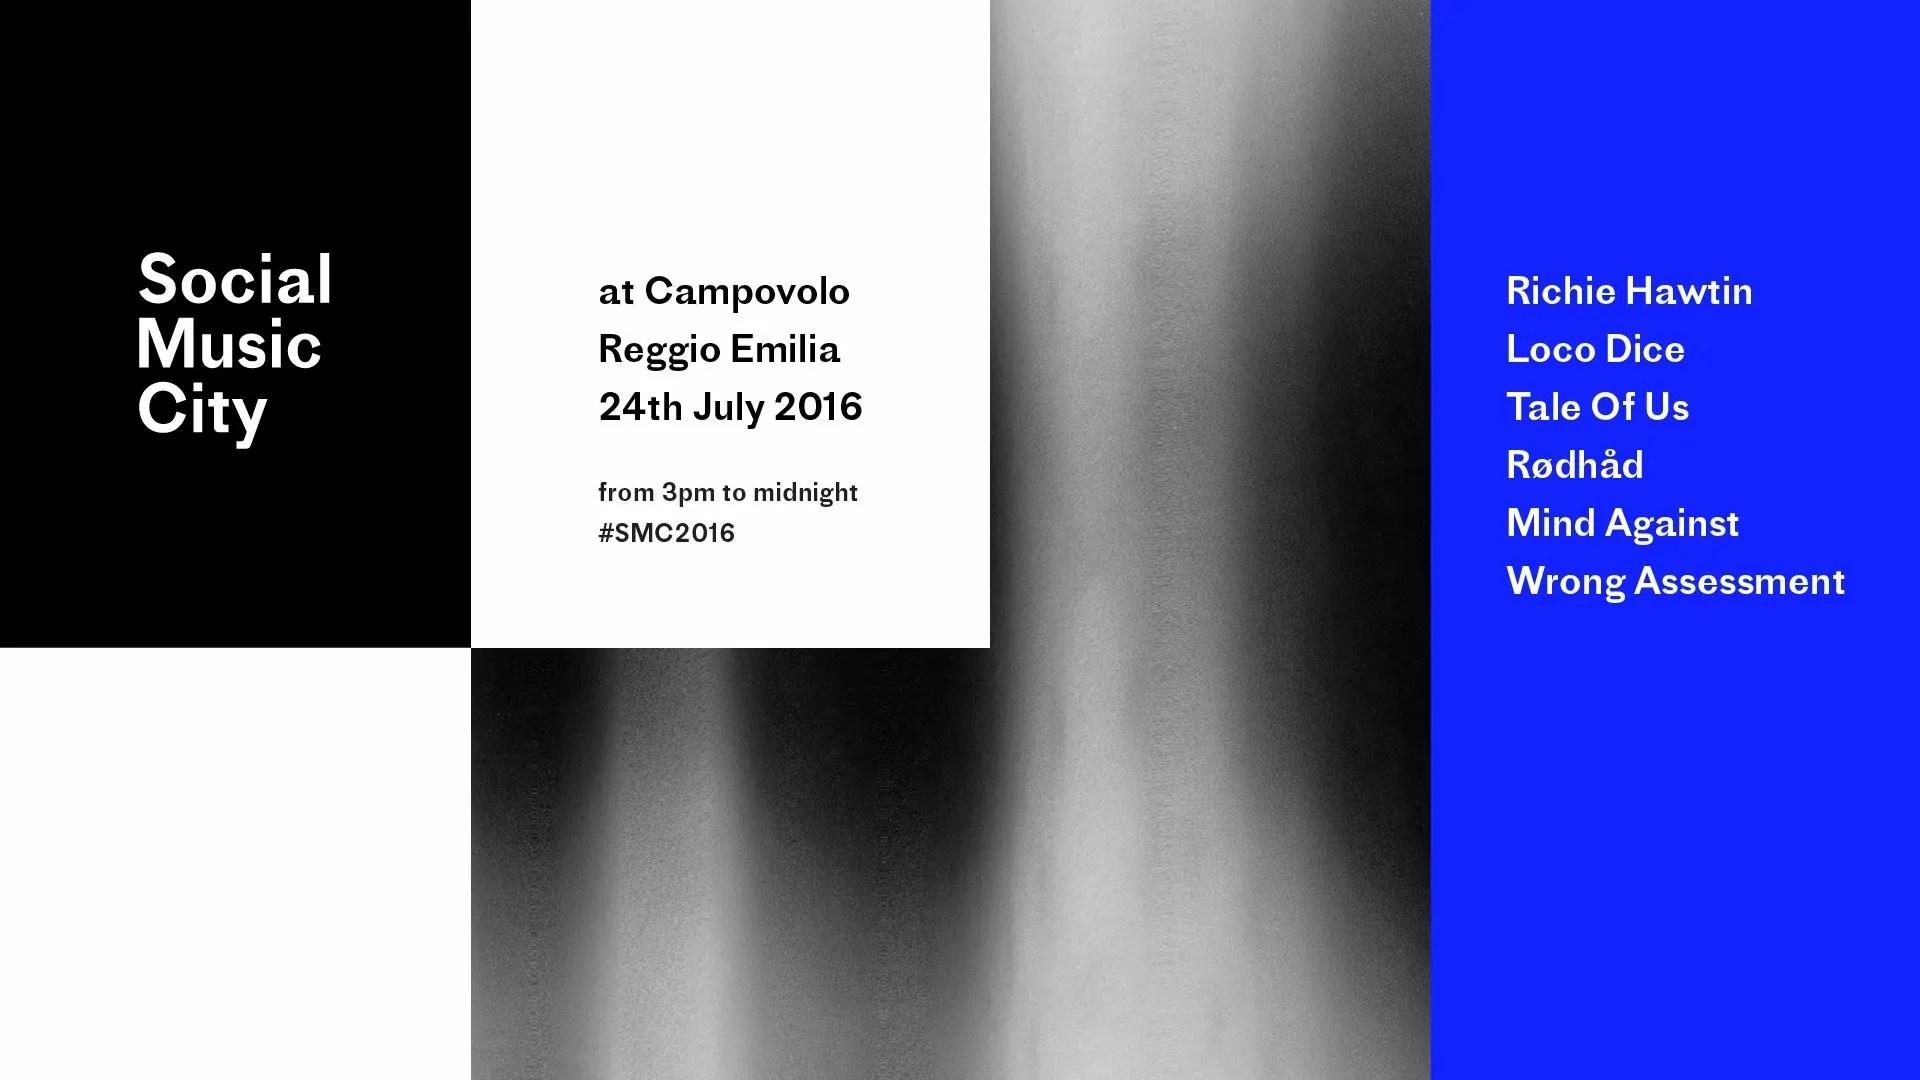 SOCIAL MUSIC CITY al CAMPOVOLO Reggio Emilia 22 07 2017